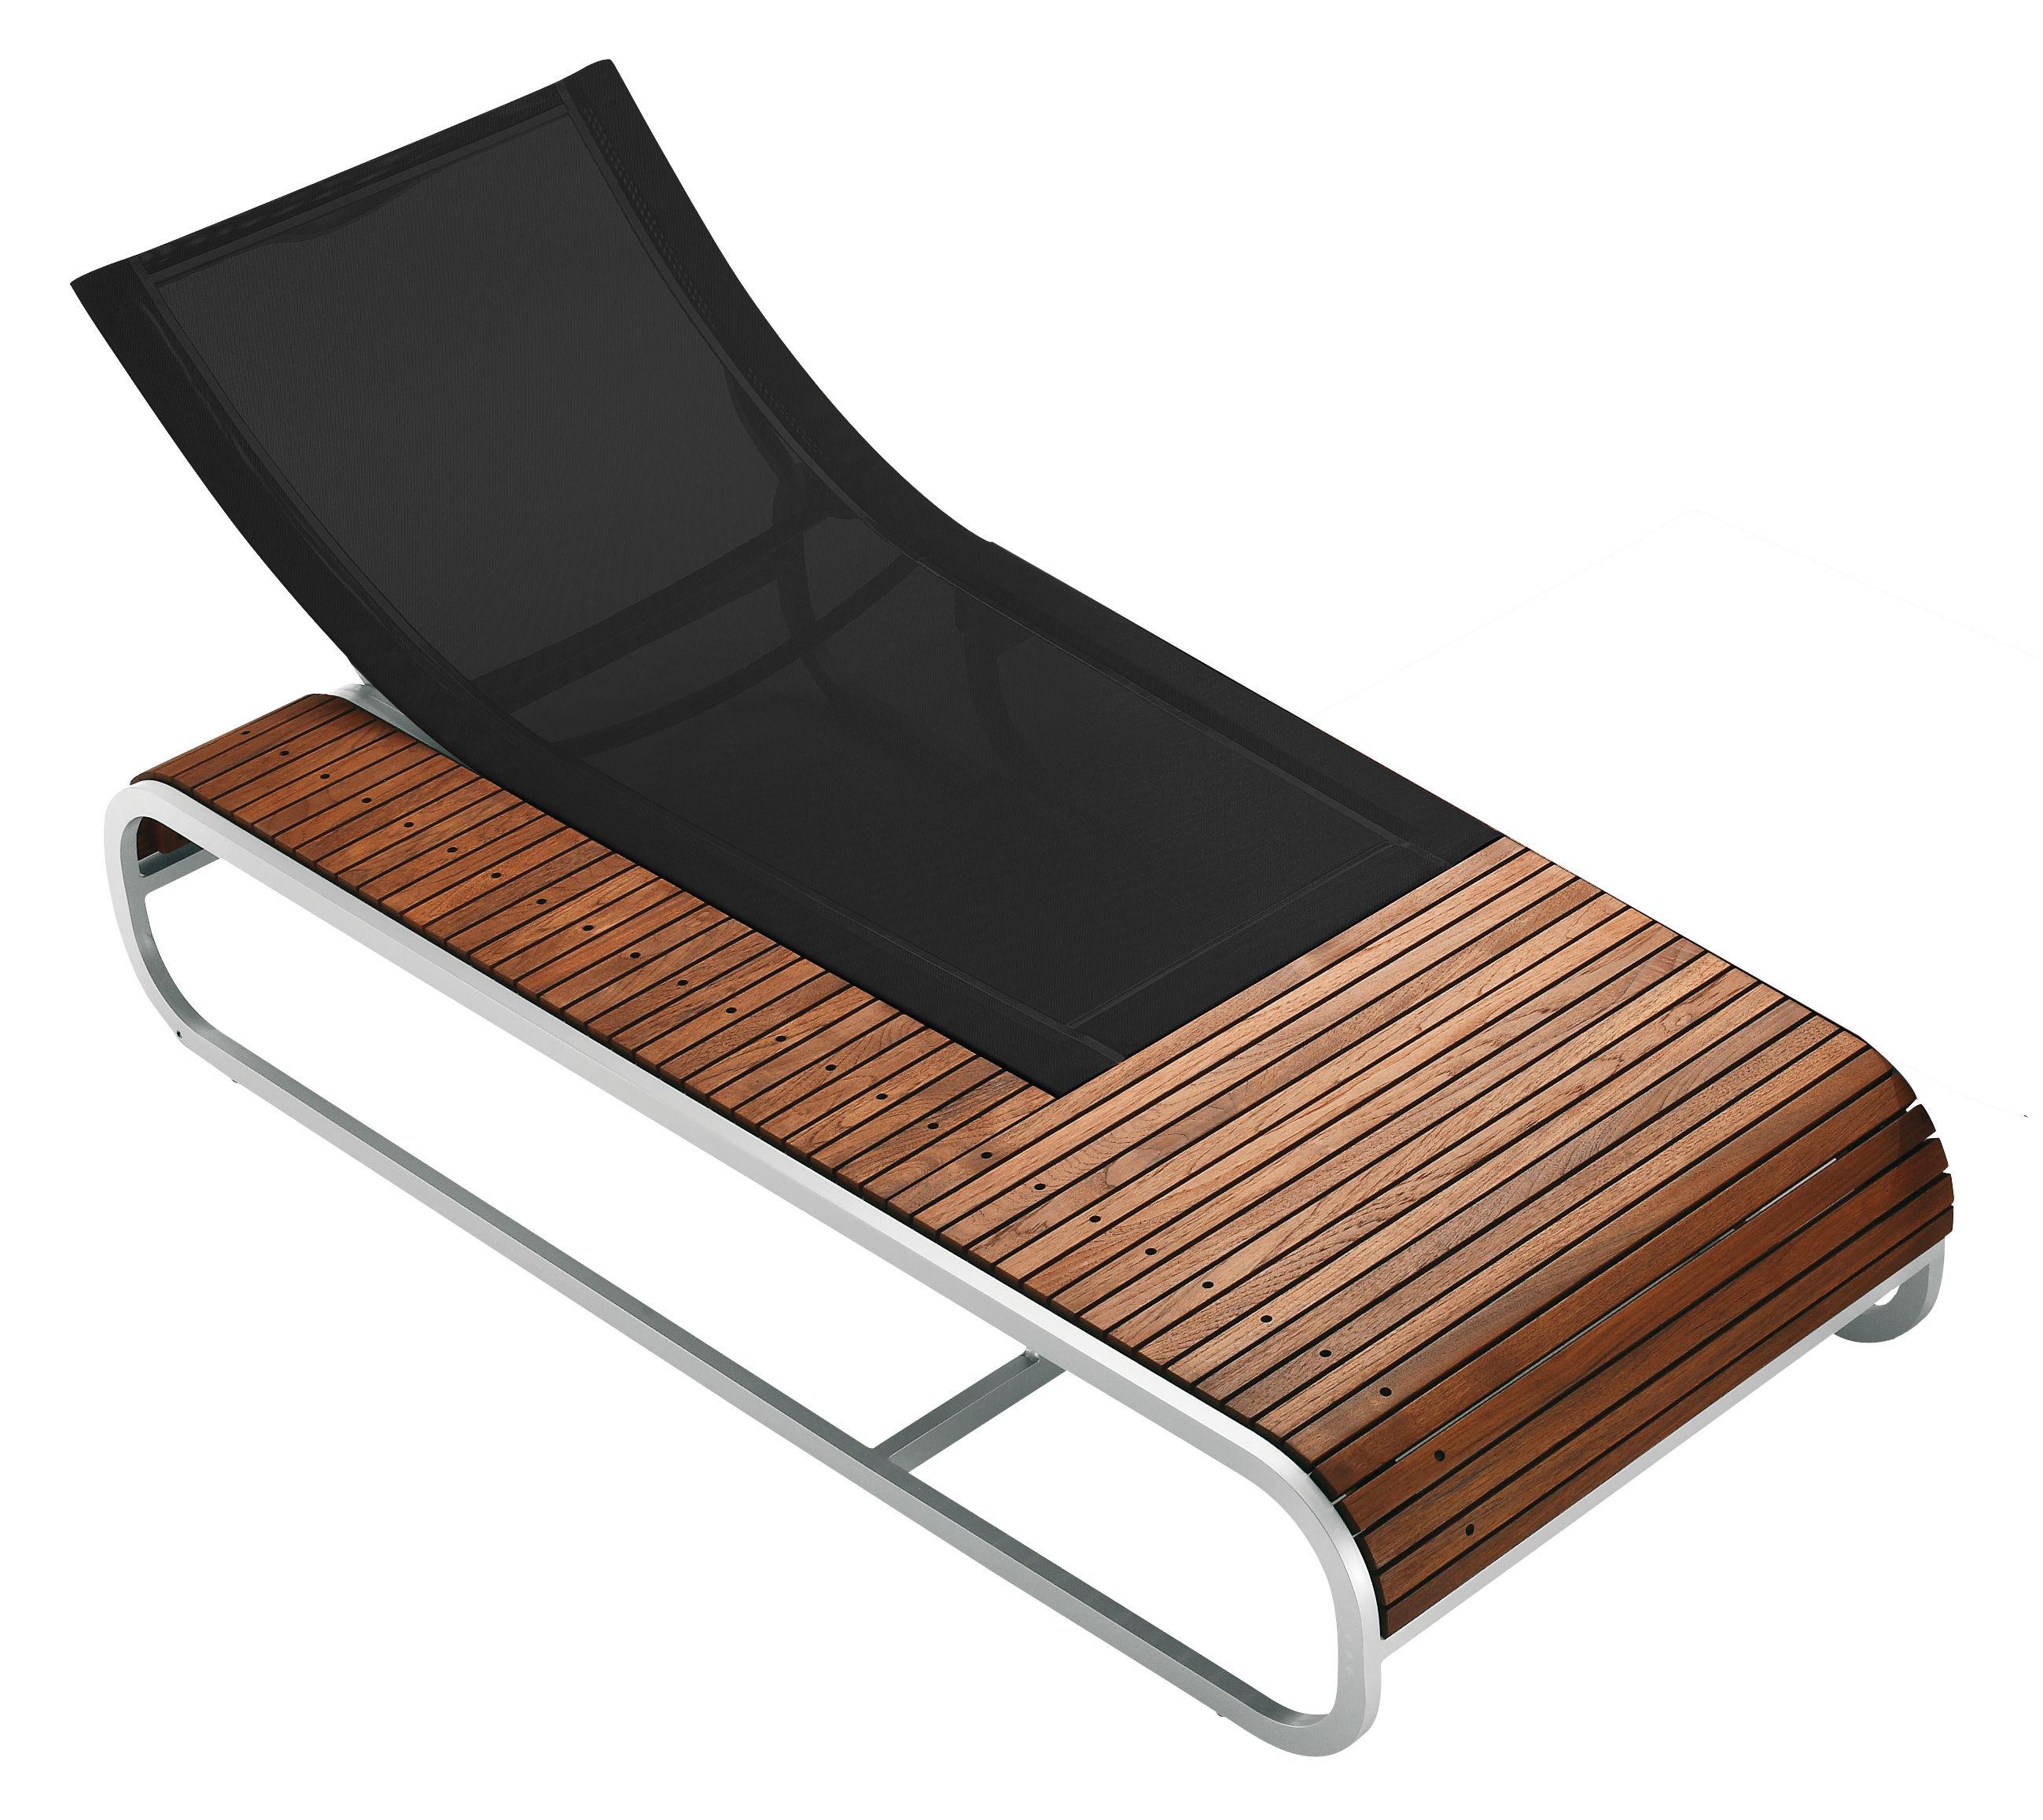 Outdoor - Sedie e Amache - Chaise longue Tandem - Versione teck di EGO Paris - Teck / Tela nera - Alluminio laccato, Teck, Tela Batyline